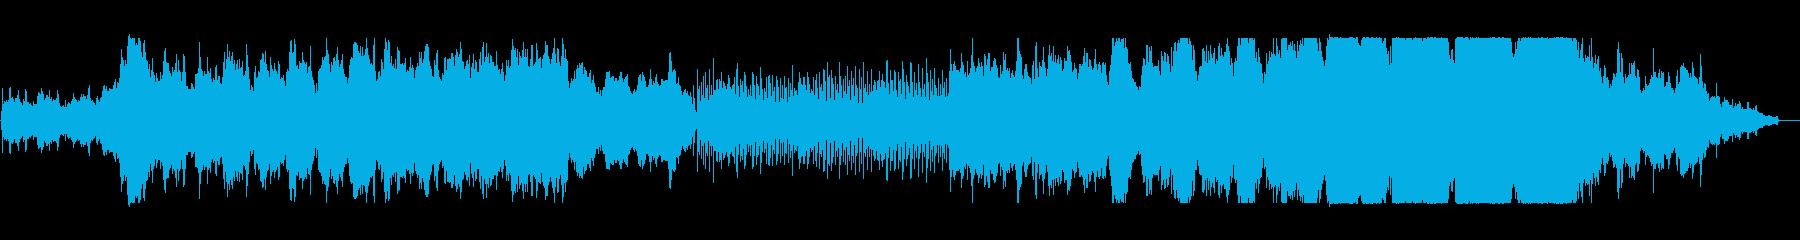 異世界をイメージした静かなオーケストラの再生済みの波形